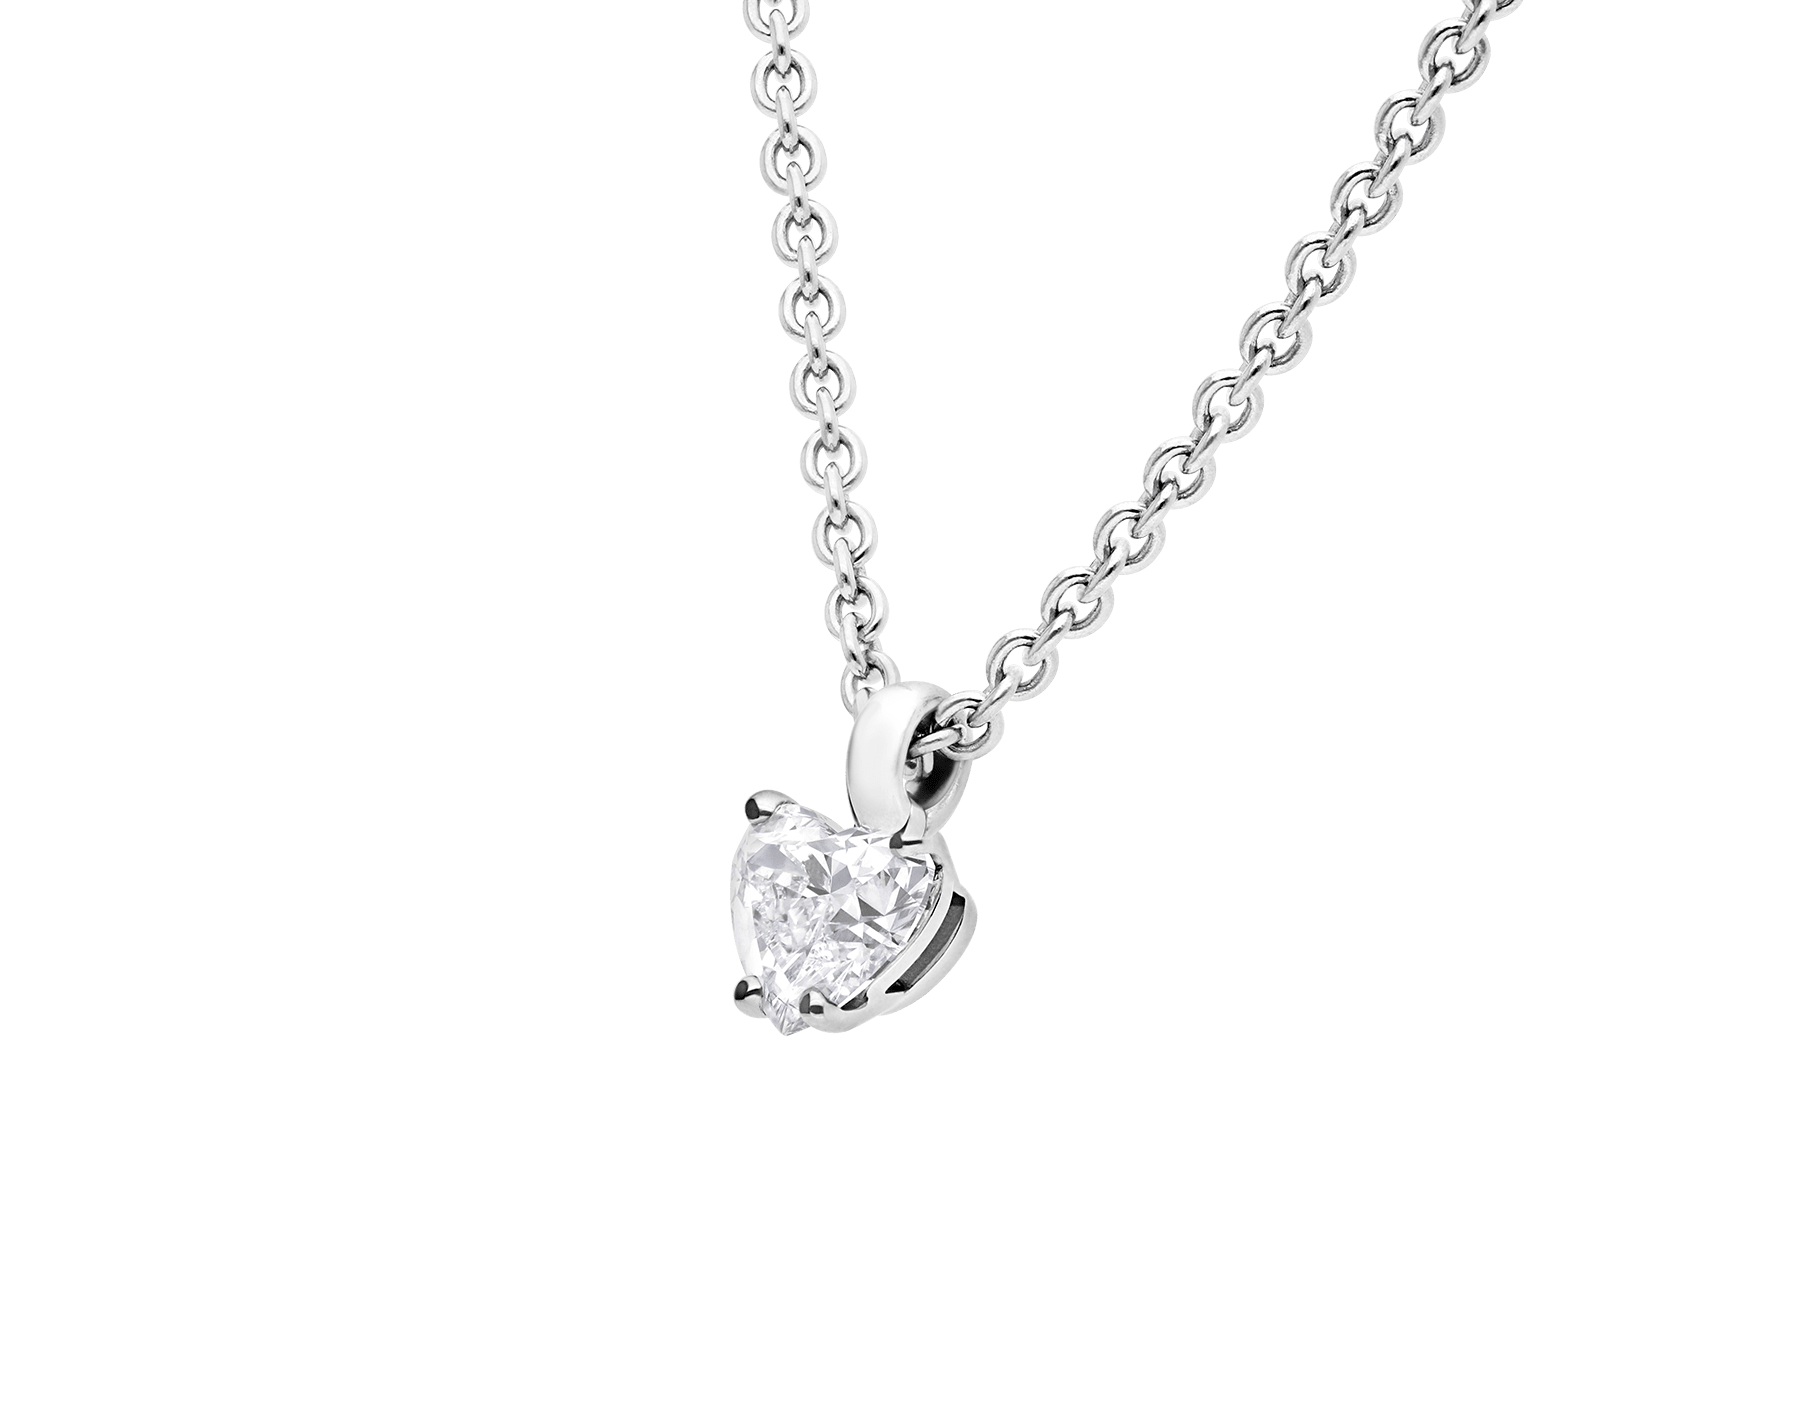 Pendentif Griffe en or blanc 18K serti d'un diamant taille cœur et chaîne en or blanc 18K 338204 image 3